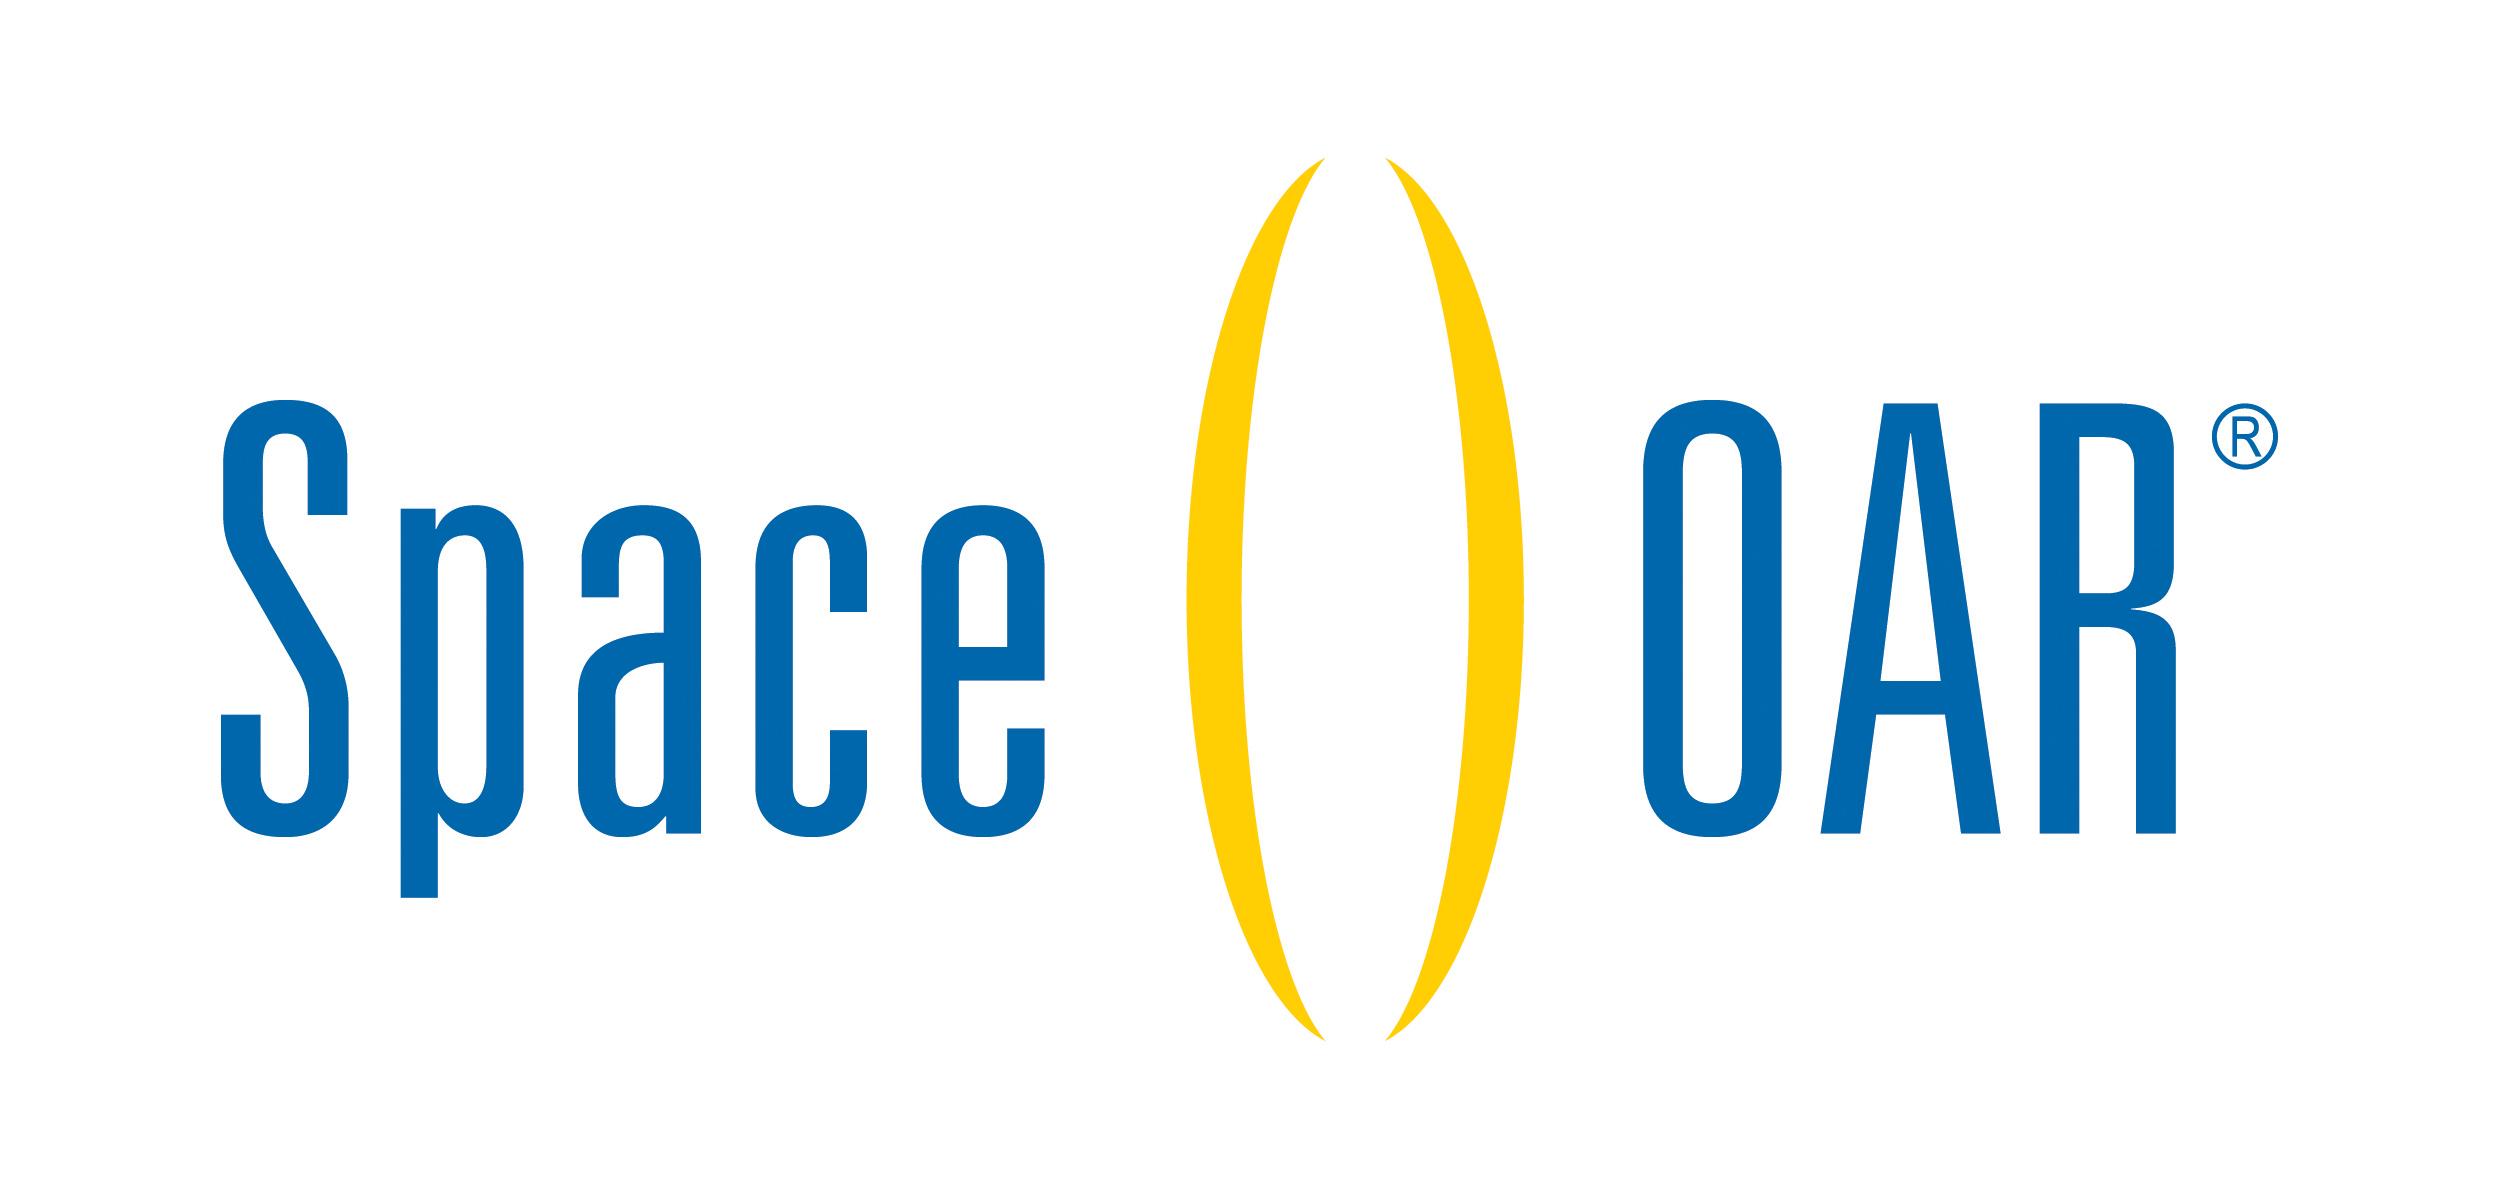 SpaceOar Tajkarimi